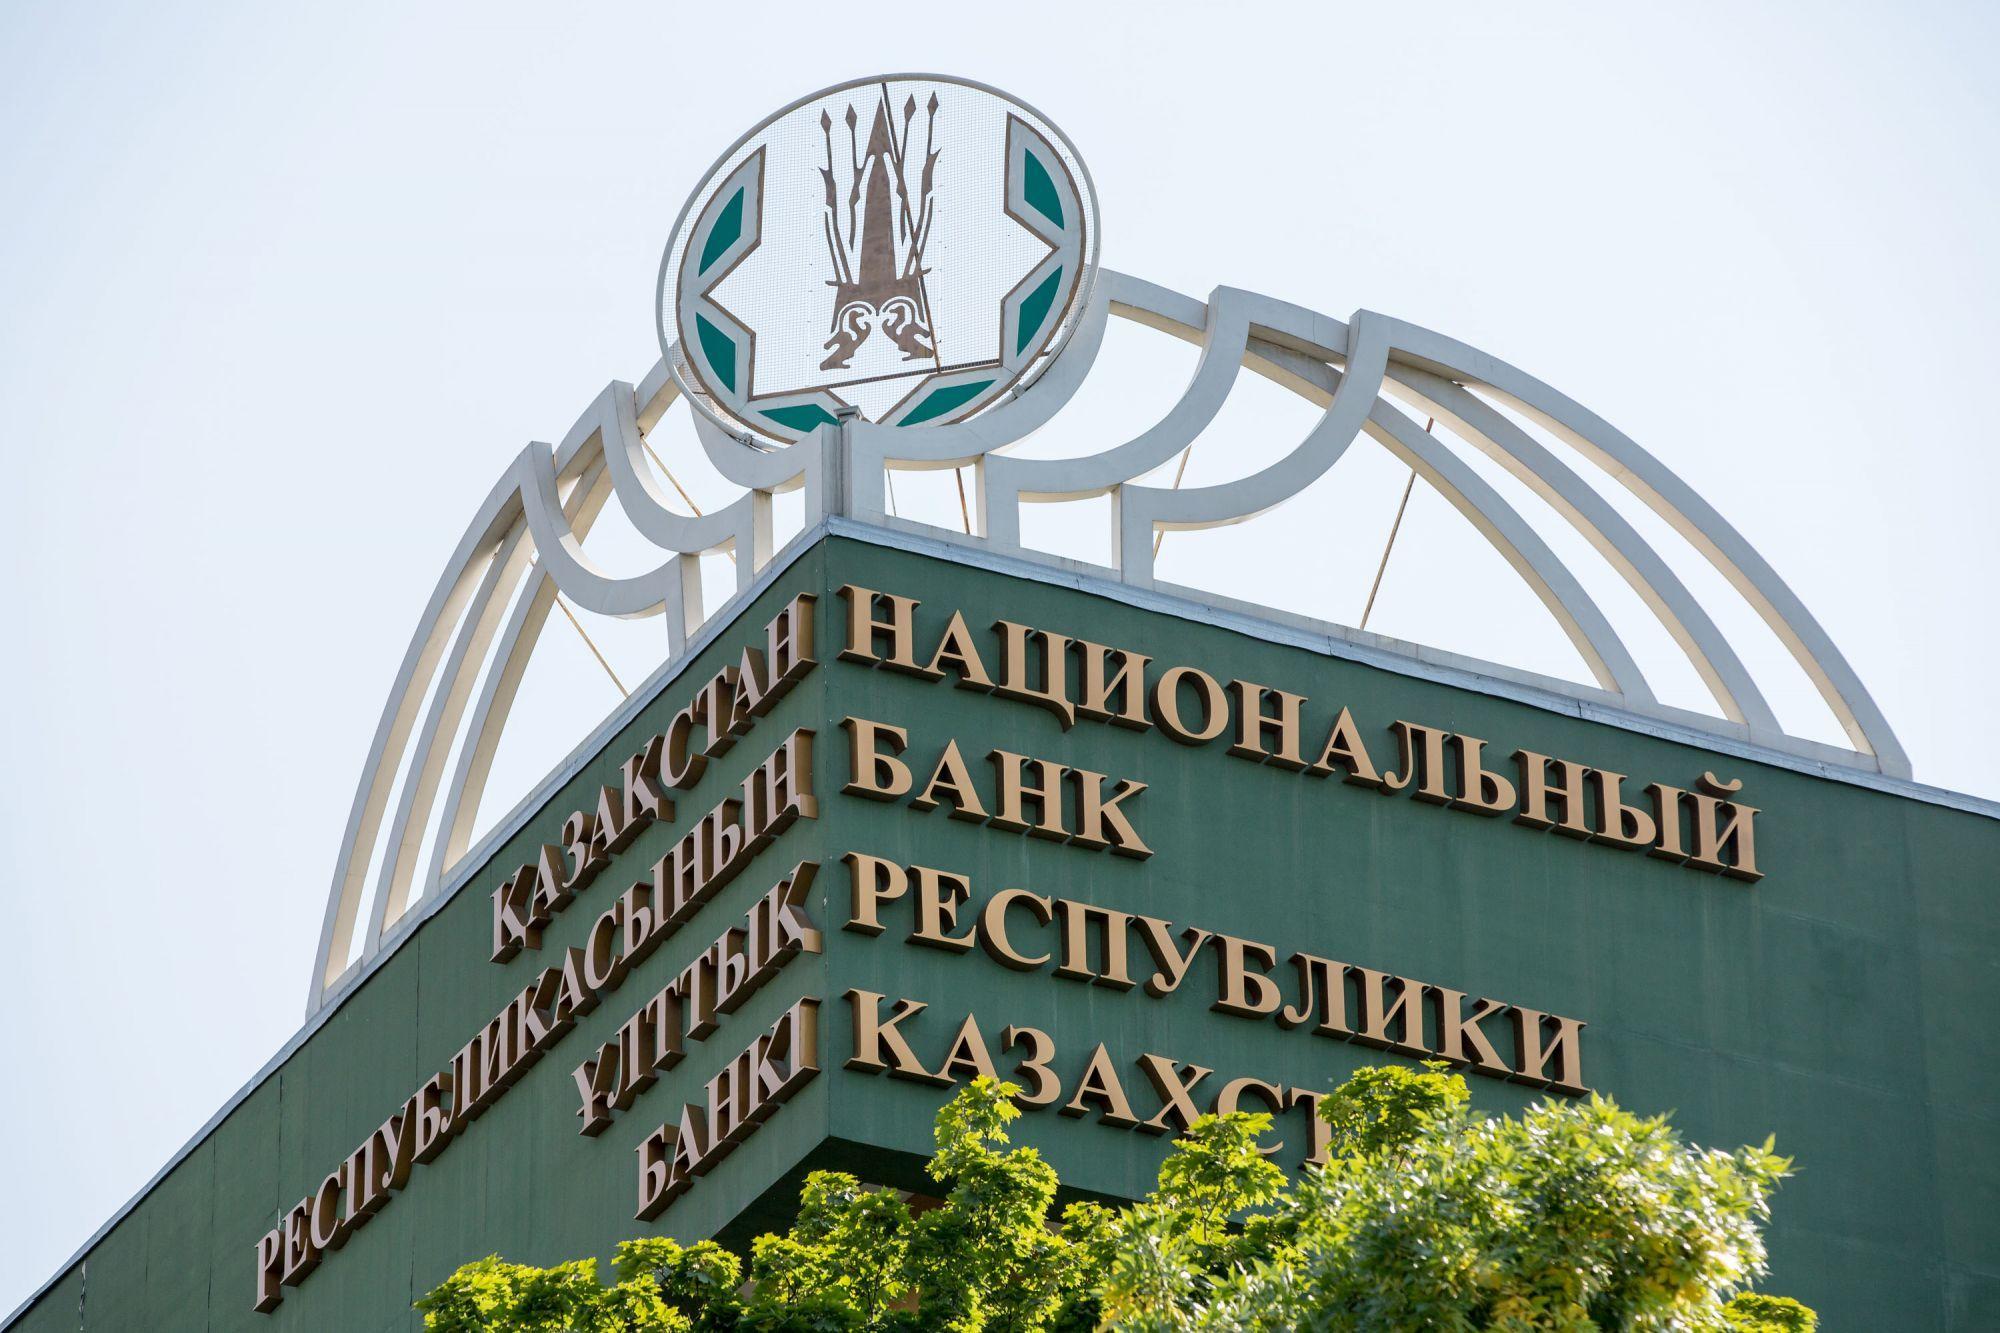 Более 30 тыс. ипотечных займов на сумму 188,6 млрд тенге рефинансировано по программе Нацбанка